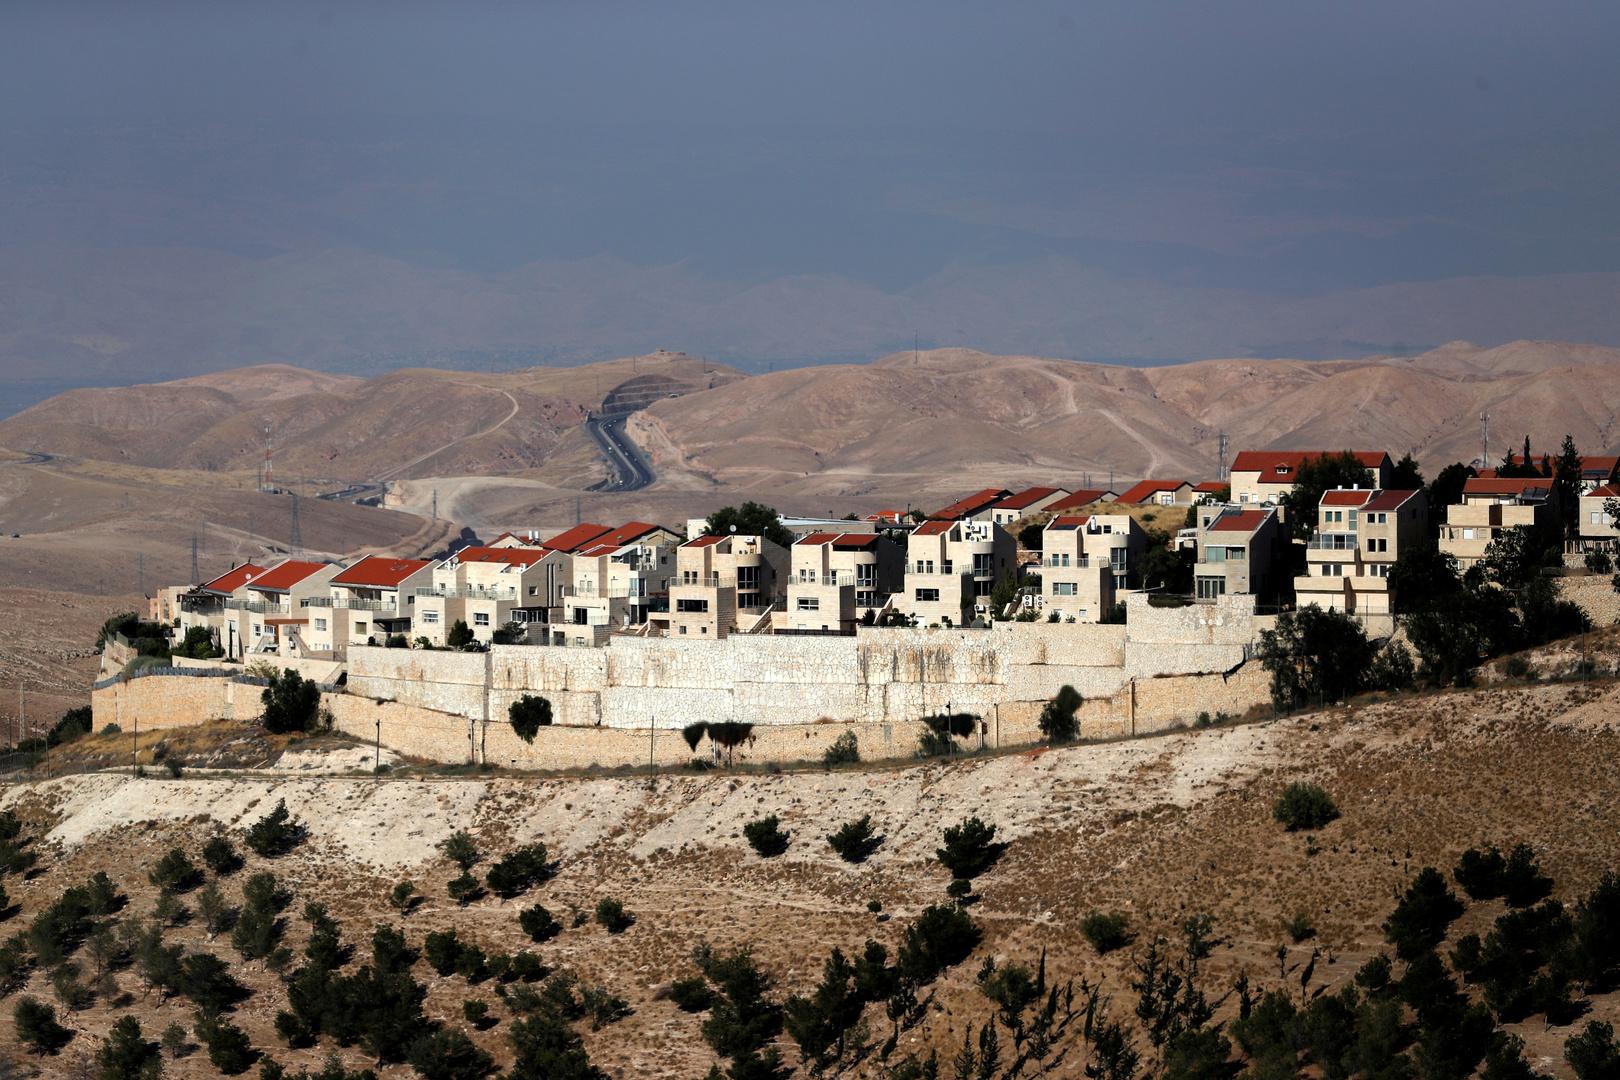 مستوطنة معاليه أدوميم في الضفة الغربية المحتلة